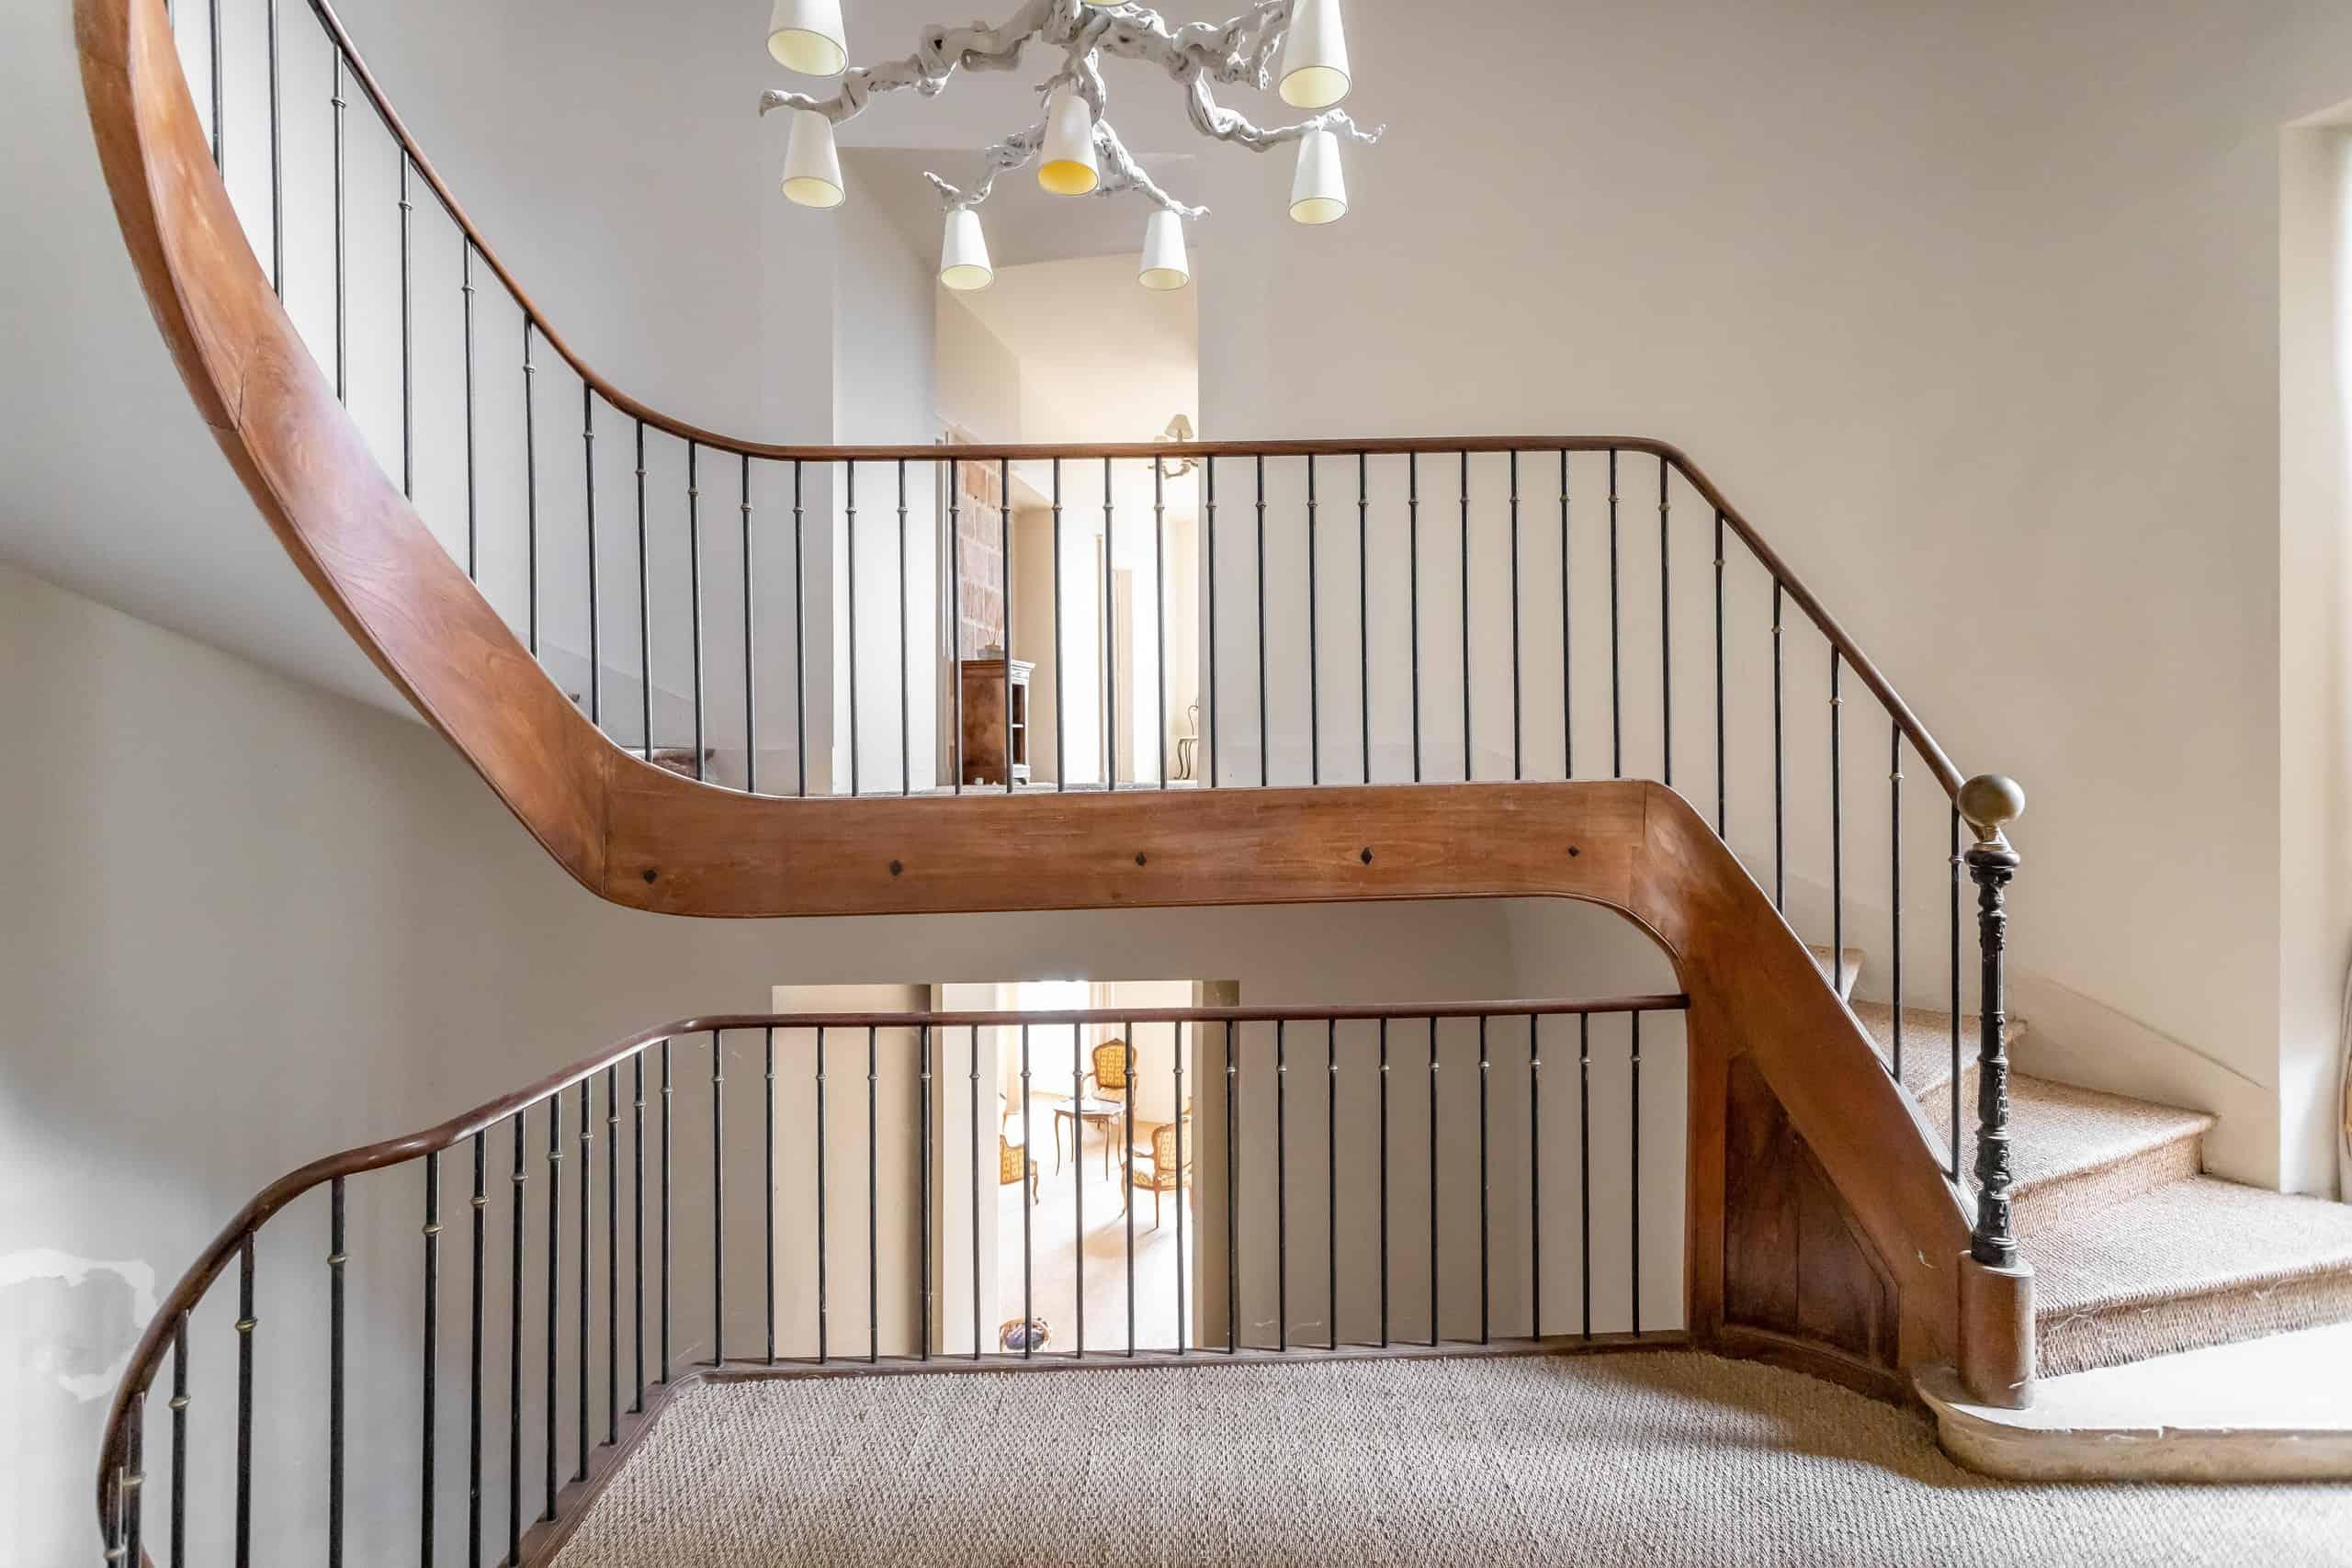 Stairs-WMC110